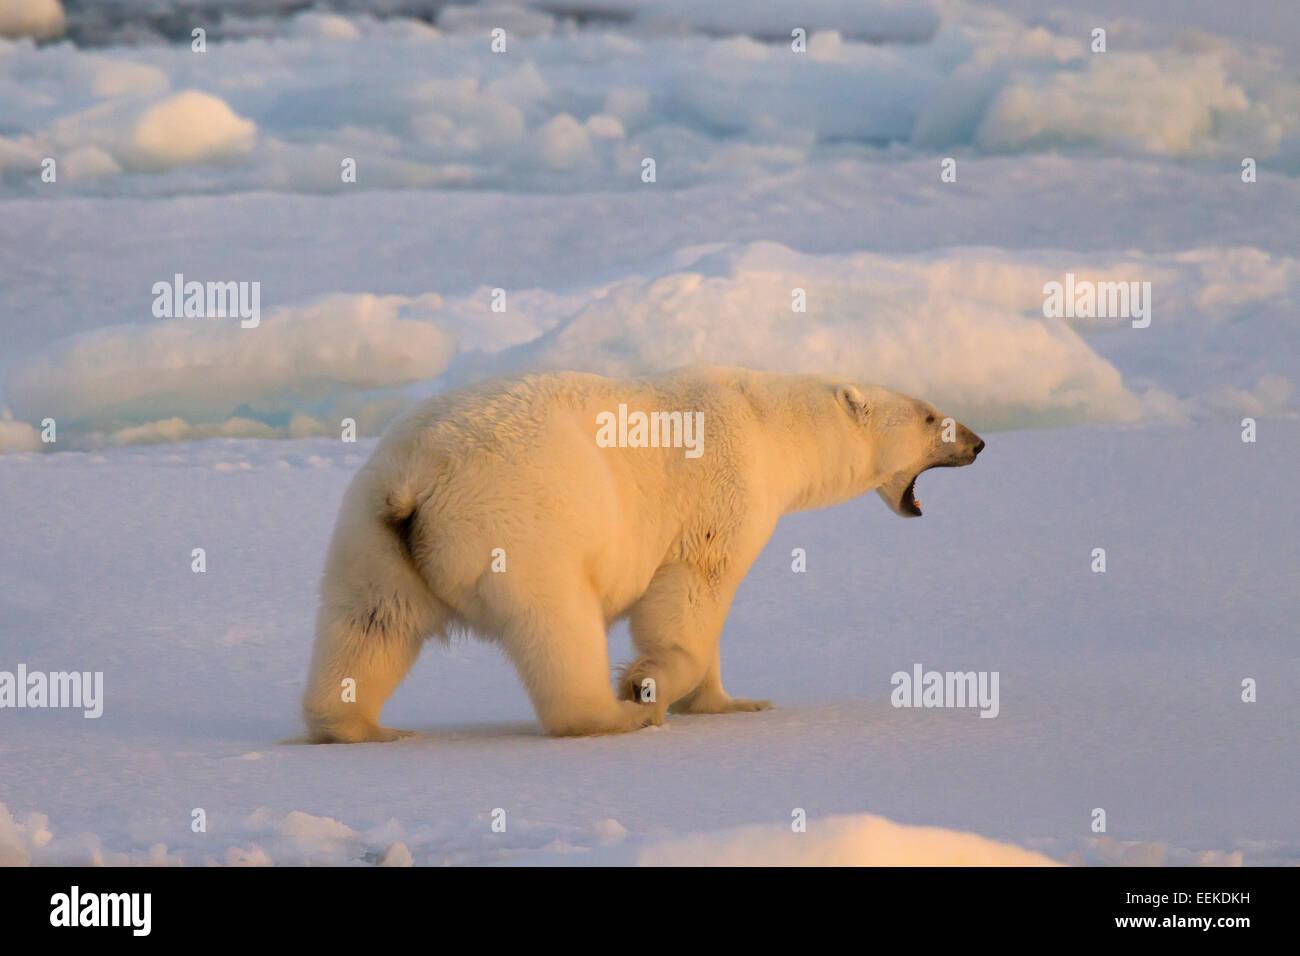 Grunting Polar bear (Ursus maritimus / Thalarctos maritimus) walking on pack ice at sunset, Svalbard, Norway - Stock Image